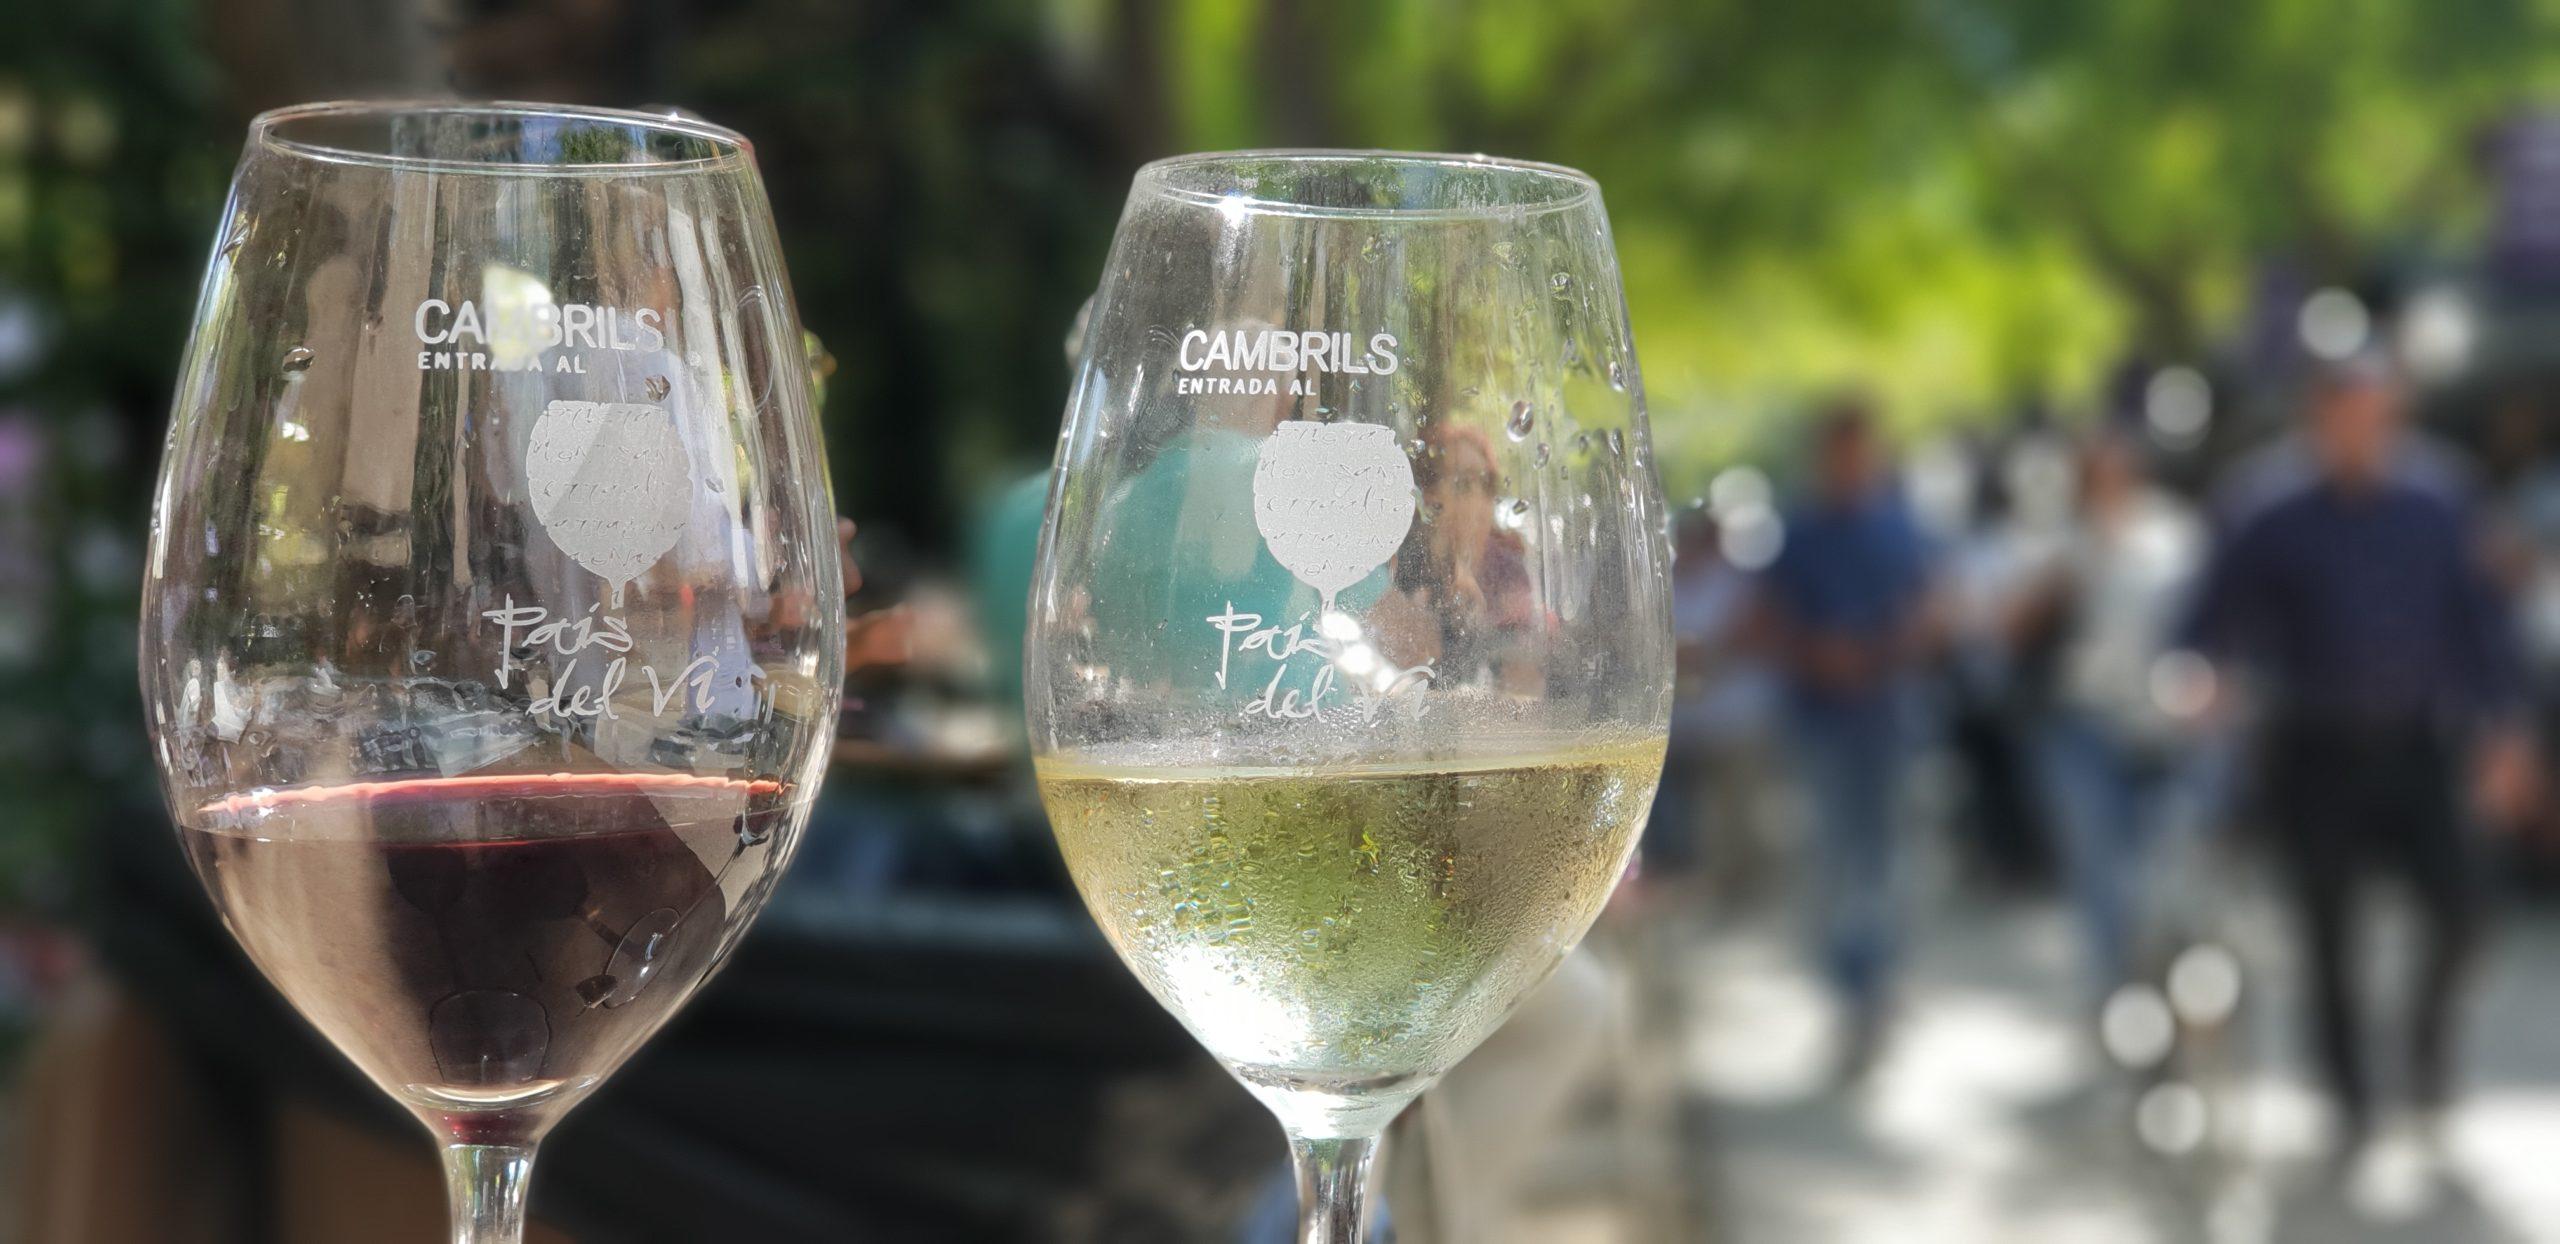 Cambrils, Entrada al País del Vi